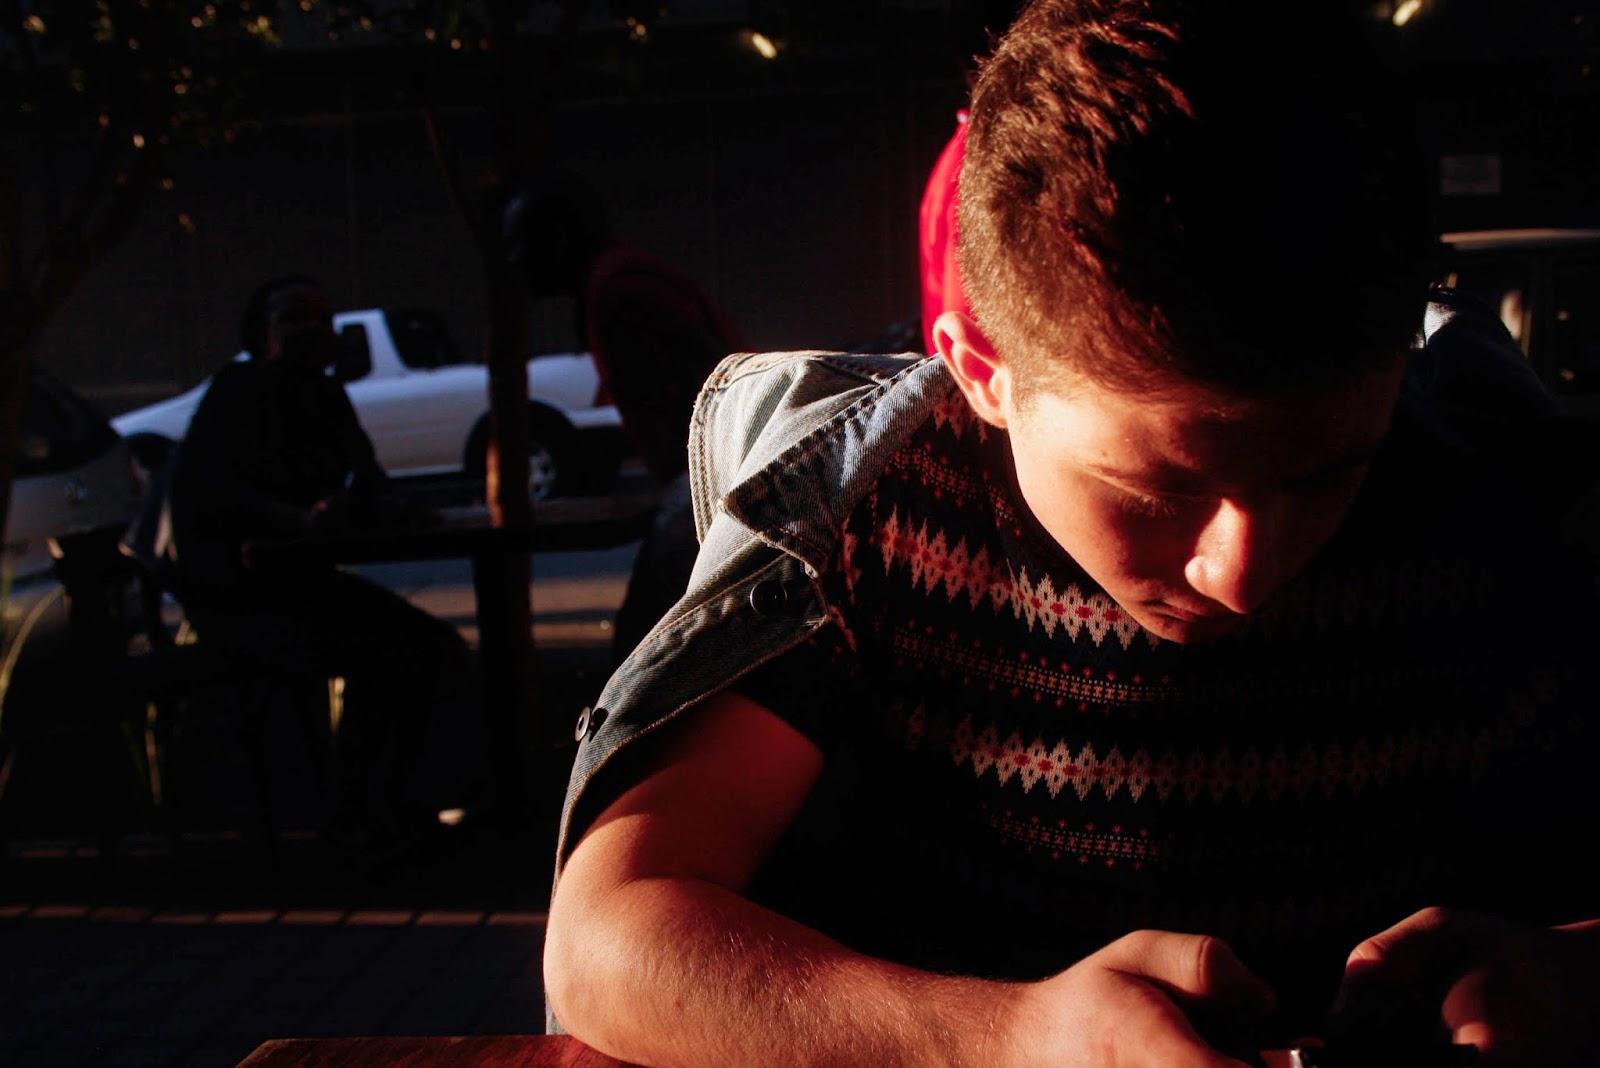 josh on his phone at pata pata maboneng precinct